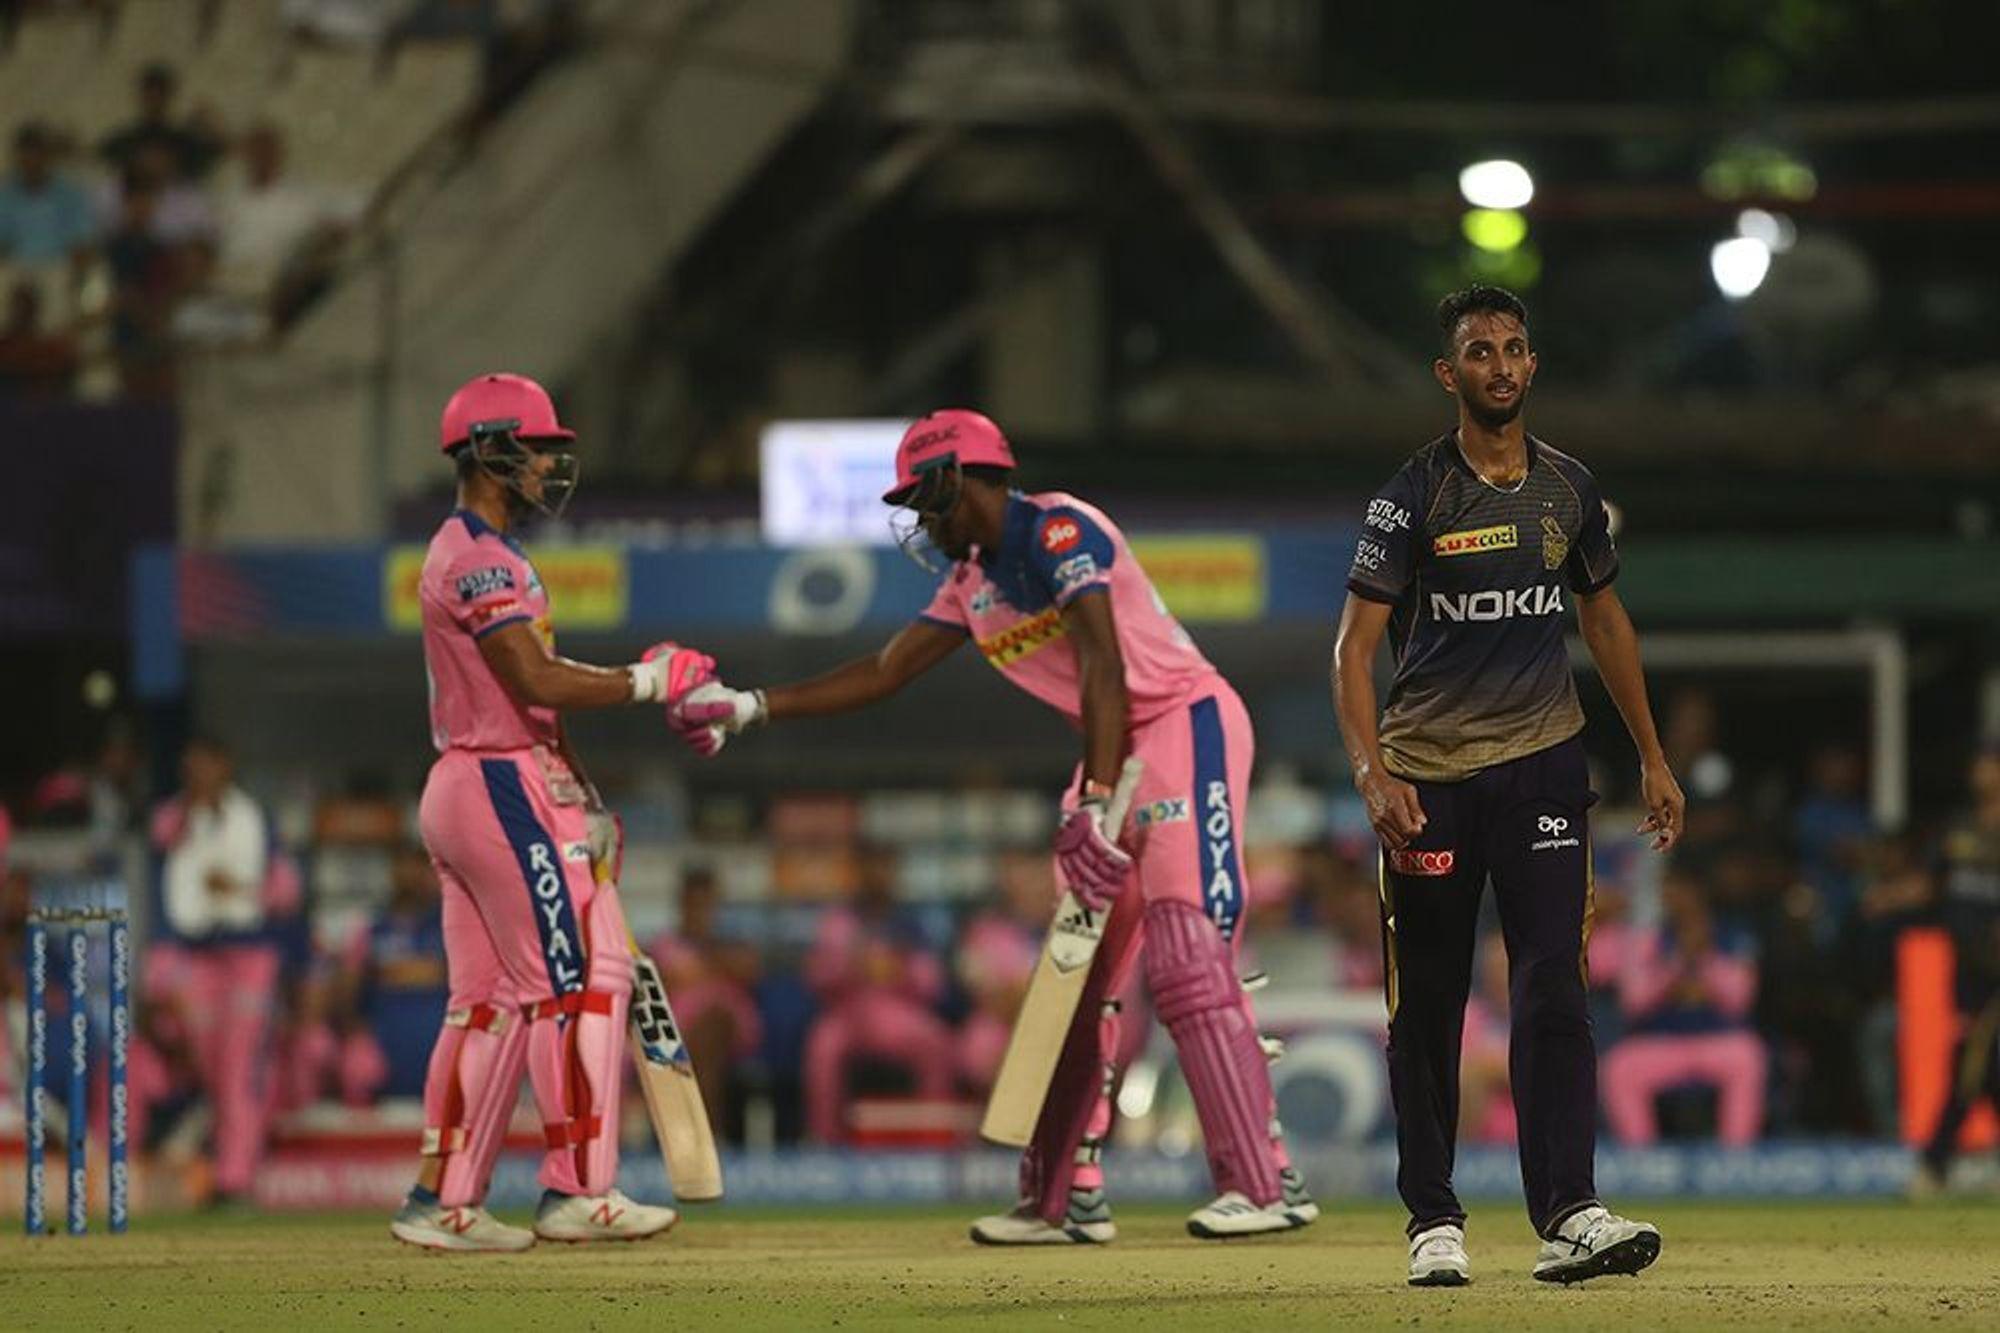 KKRvsRR : पराग और आर्चर की तूफानी पारी के दम पर राजस्थान ने केकेआर को 3 विकेट से हराया 29